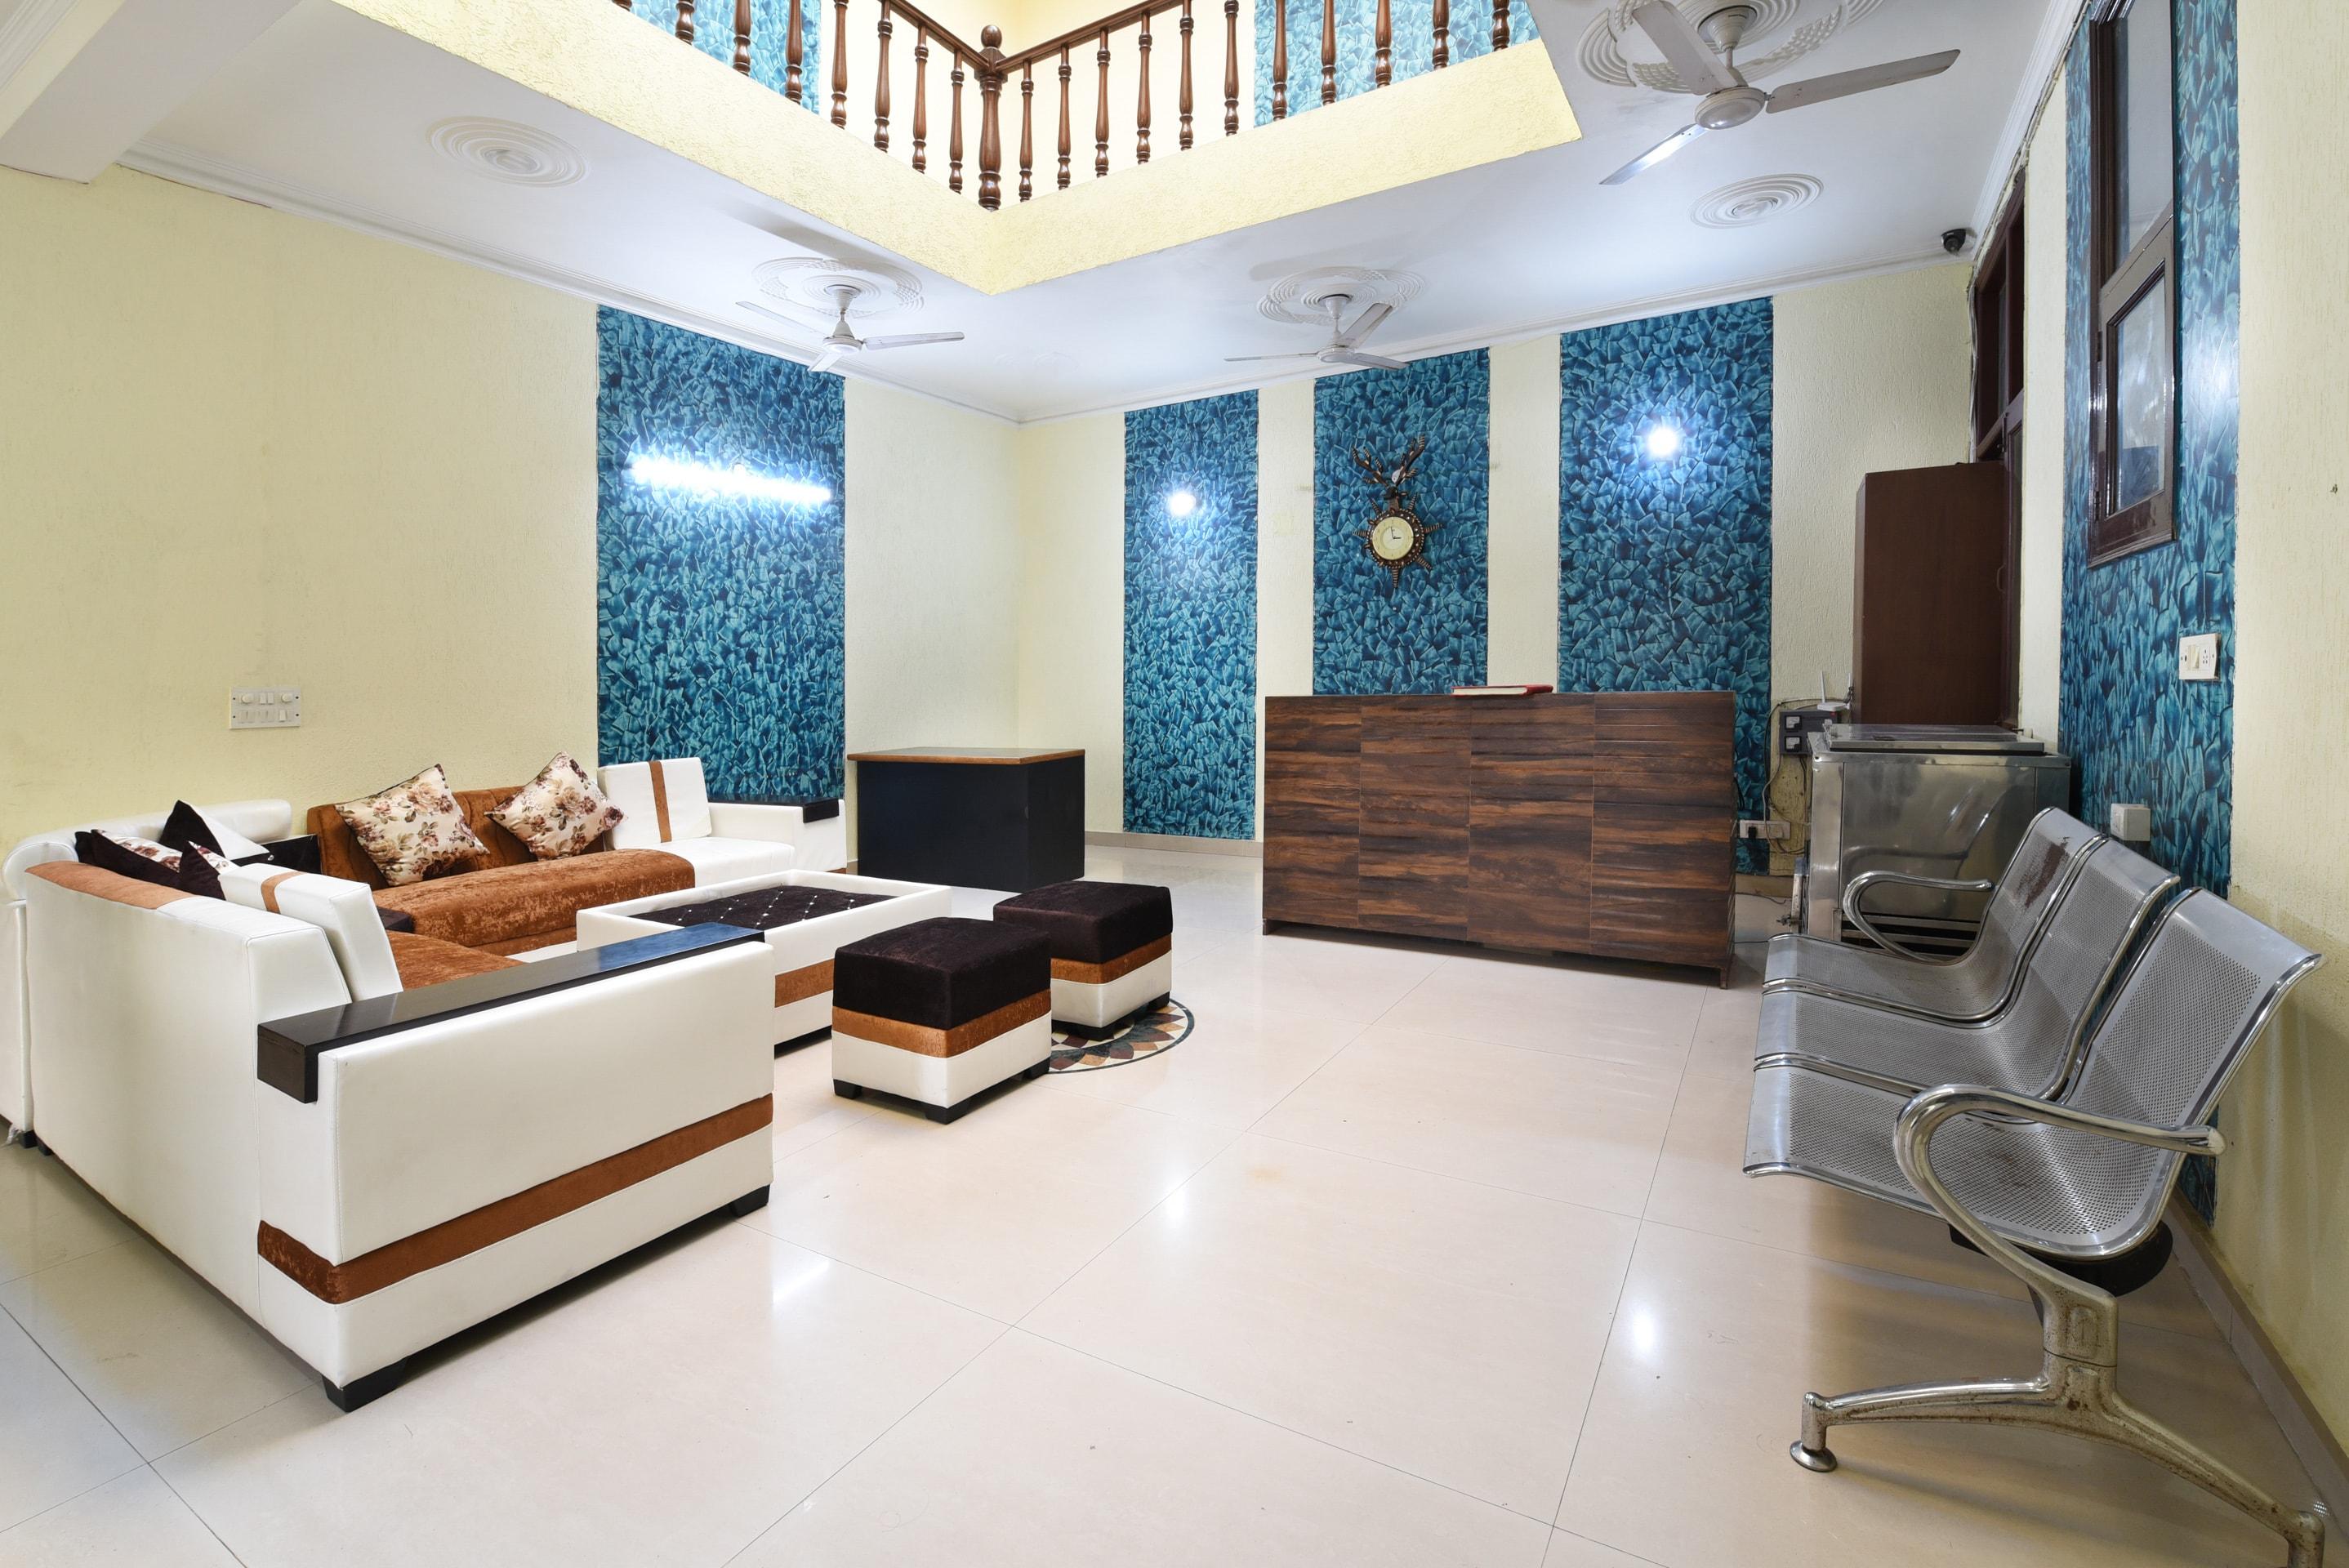 Oyo 10747 Vashu Residency in Noida